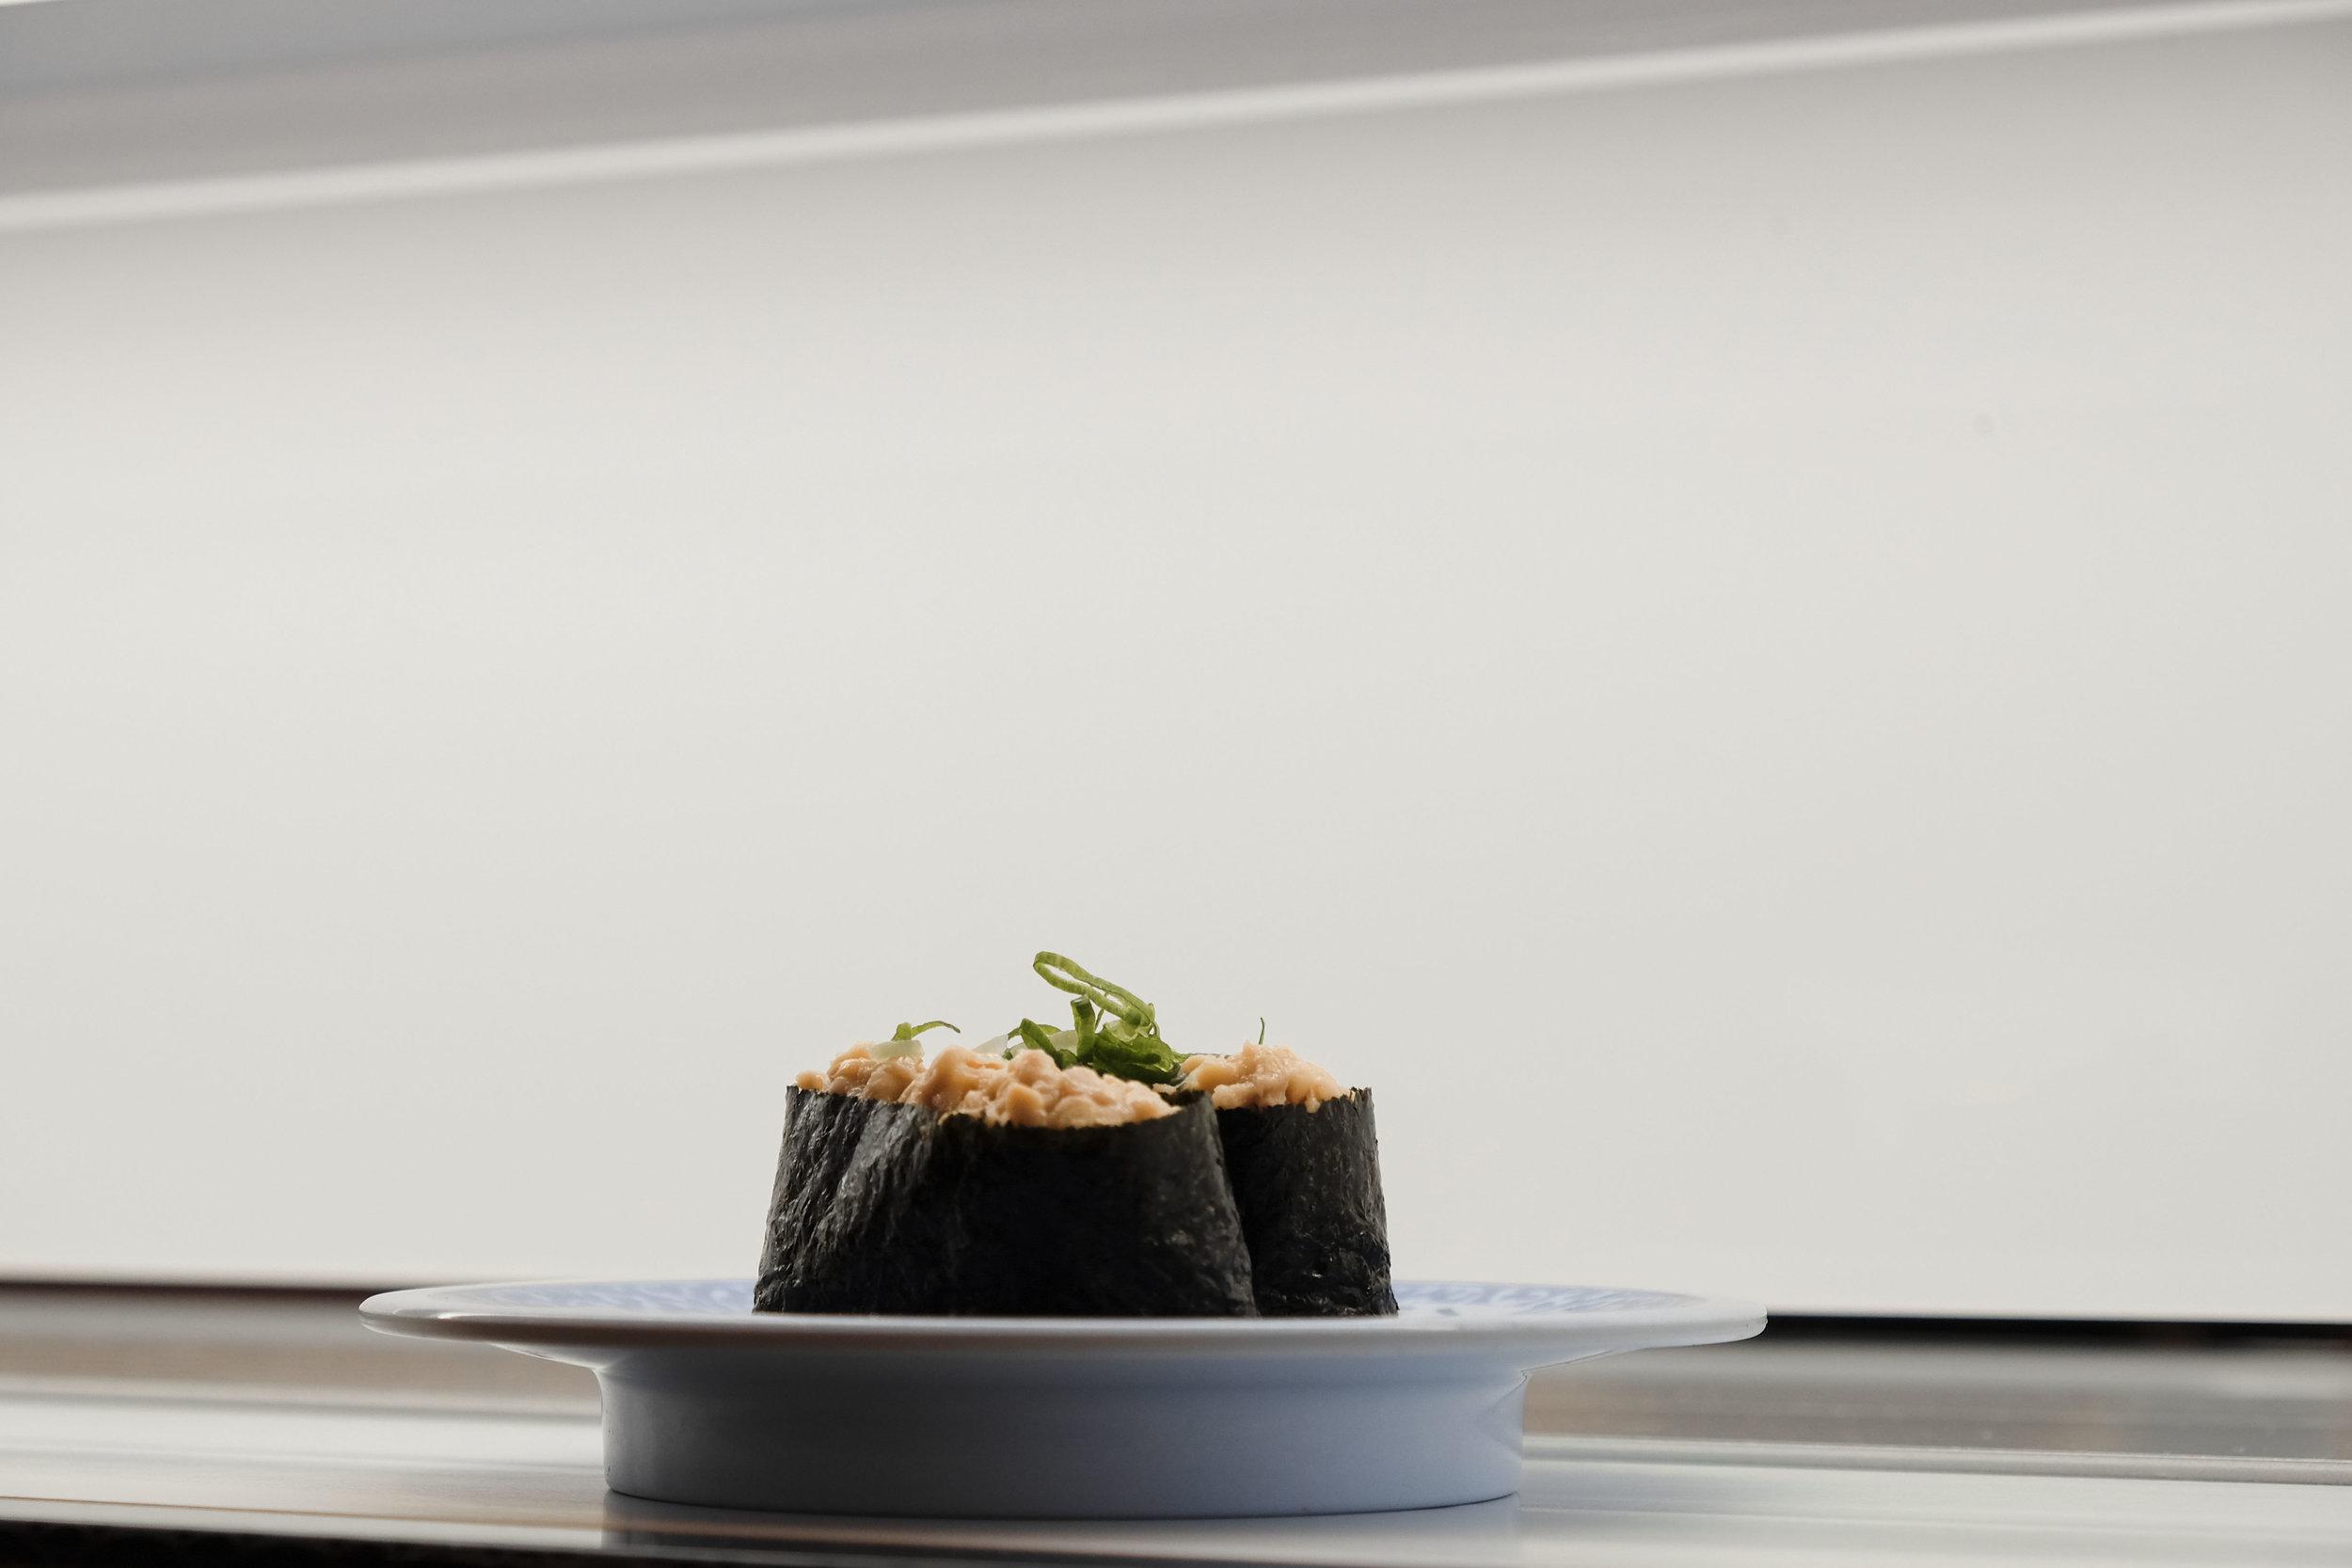 Crazy Salmon Roll - Gli opposti si attraggono: la tartare di salmone piccante incontra l'avocado fresco. Una vera esplosione di gusto.